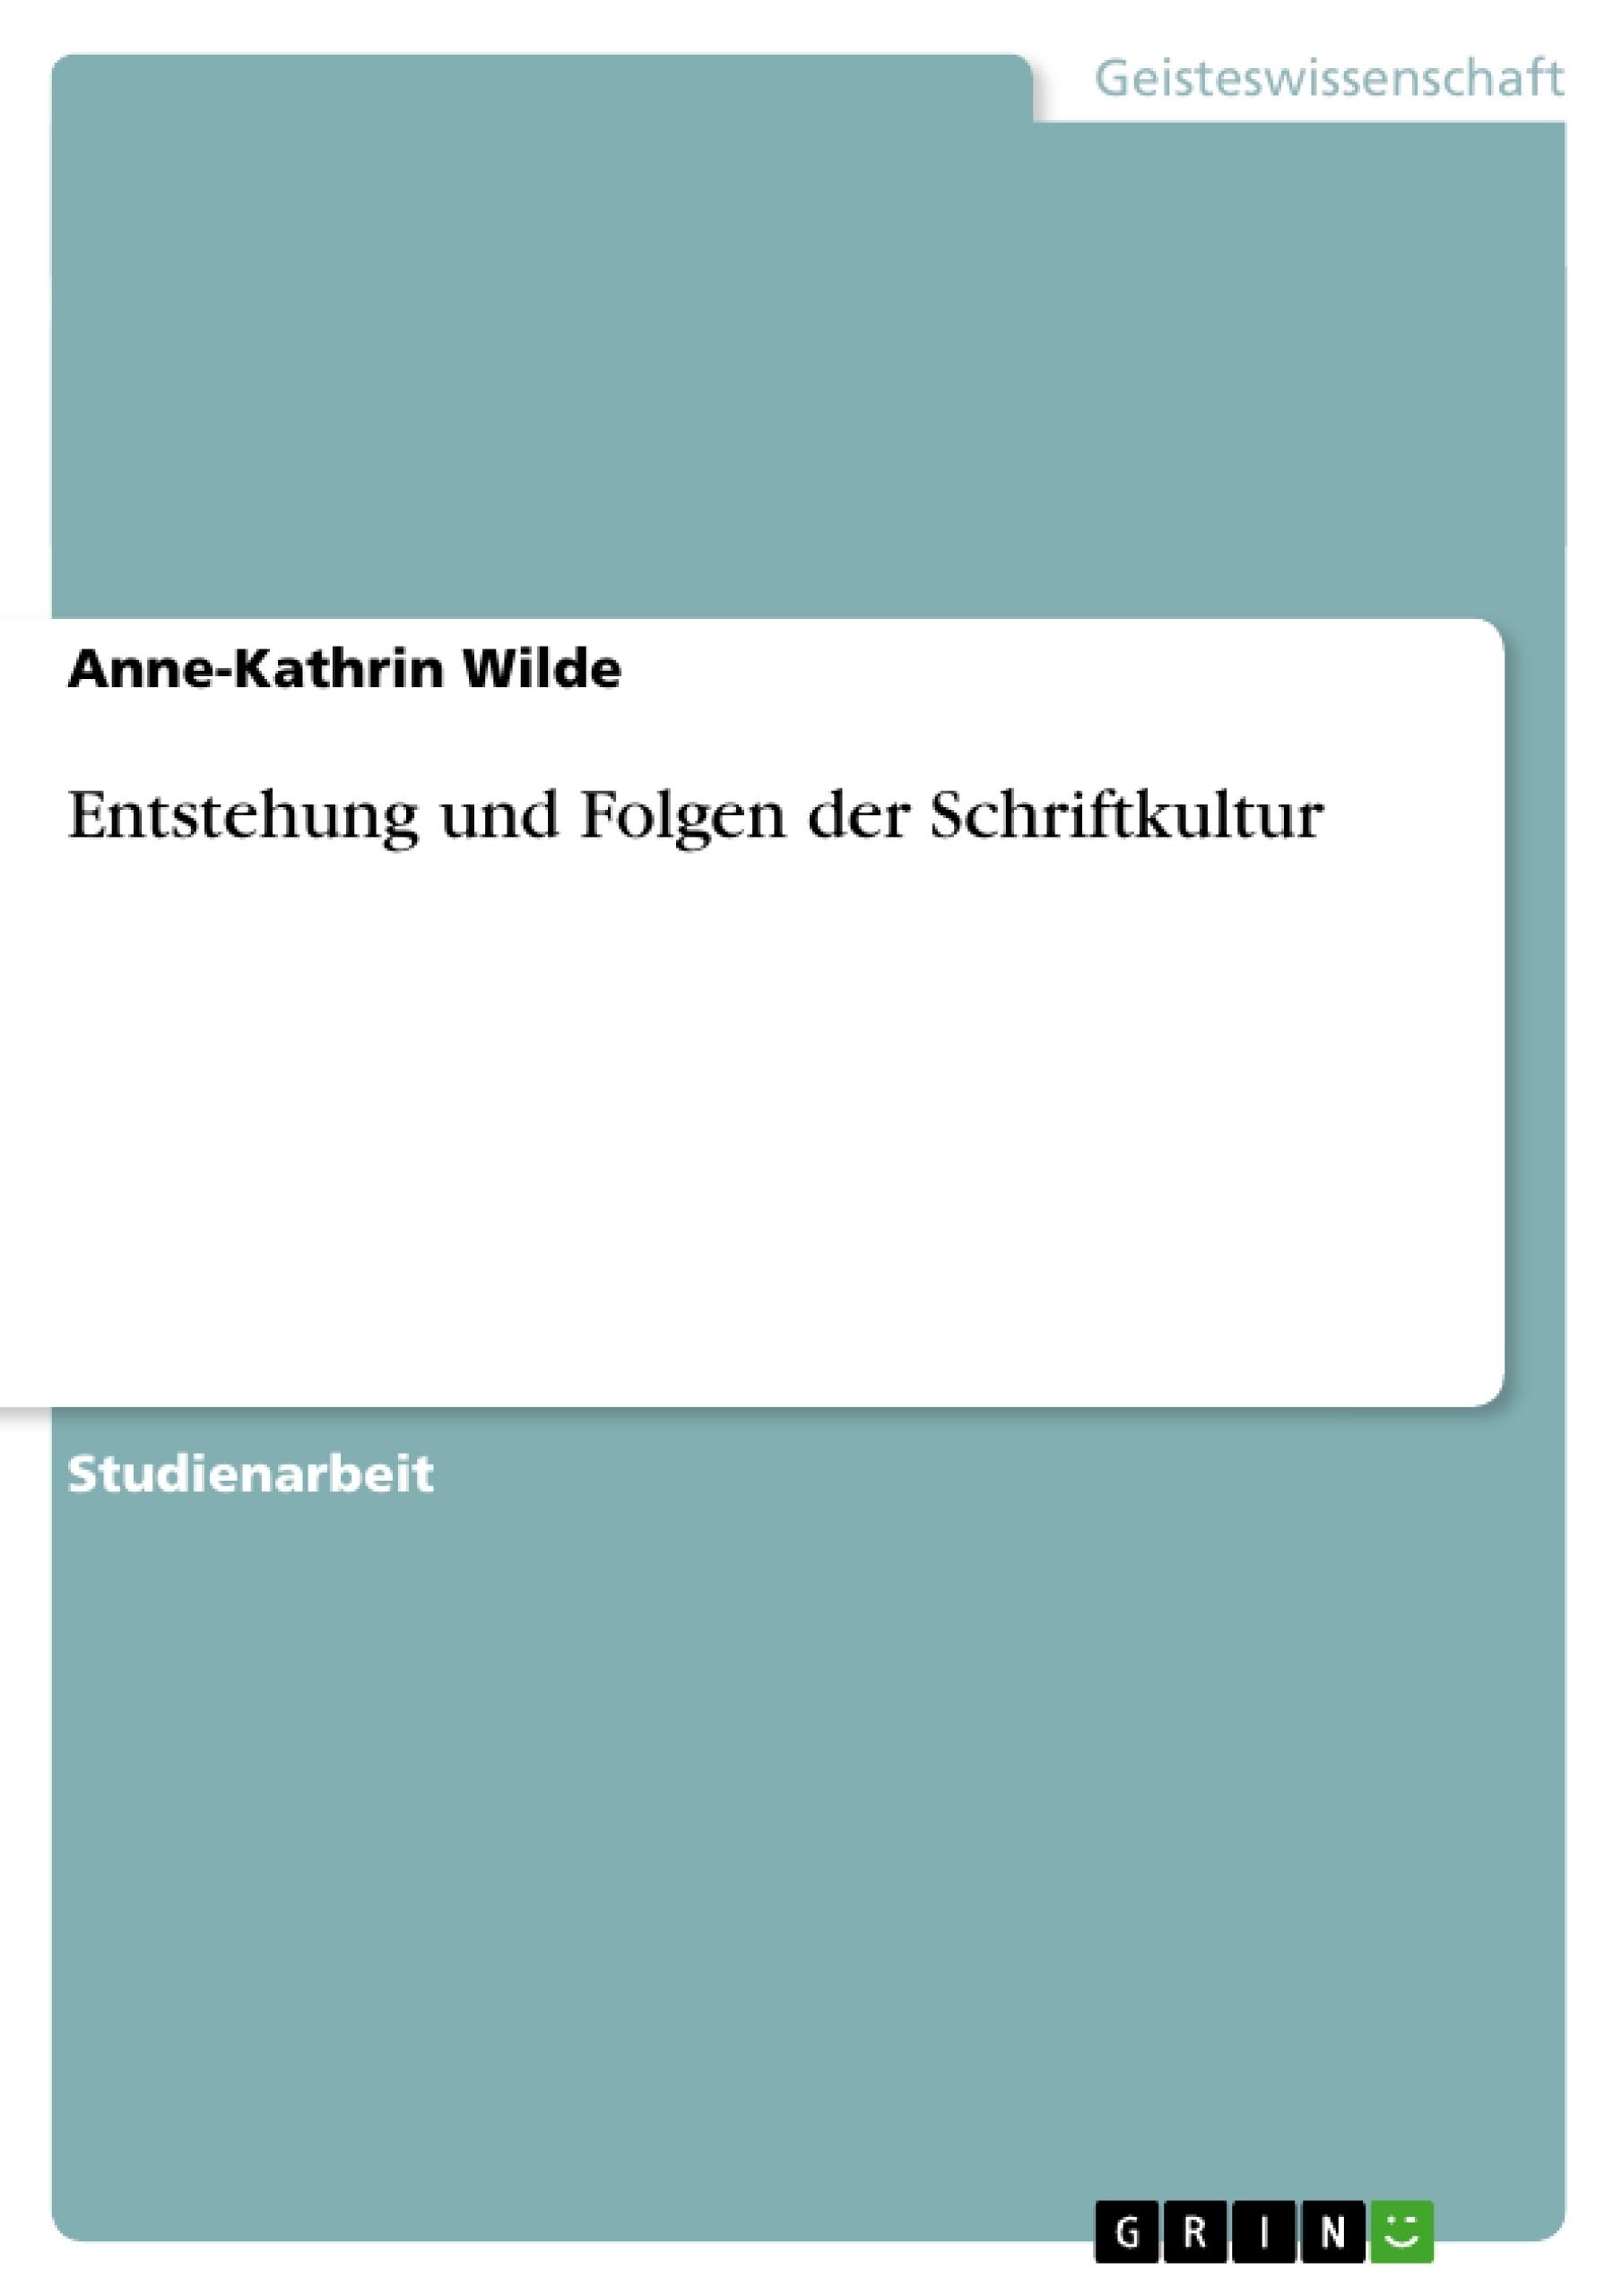 Titel: Entstehung und Folgen der Schriftkultur